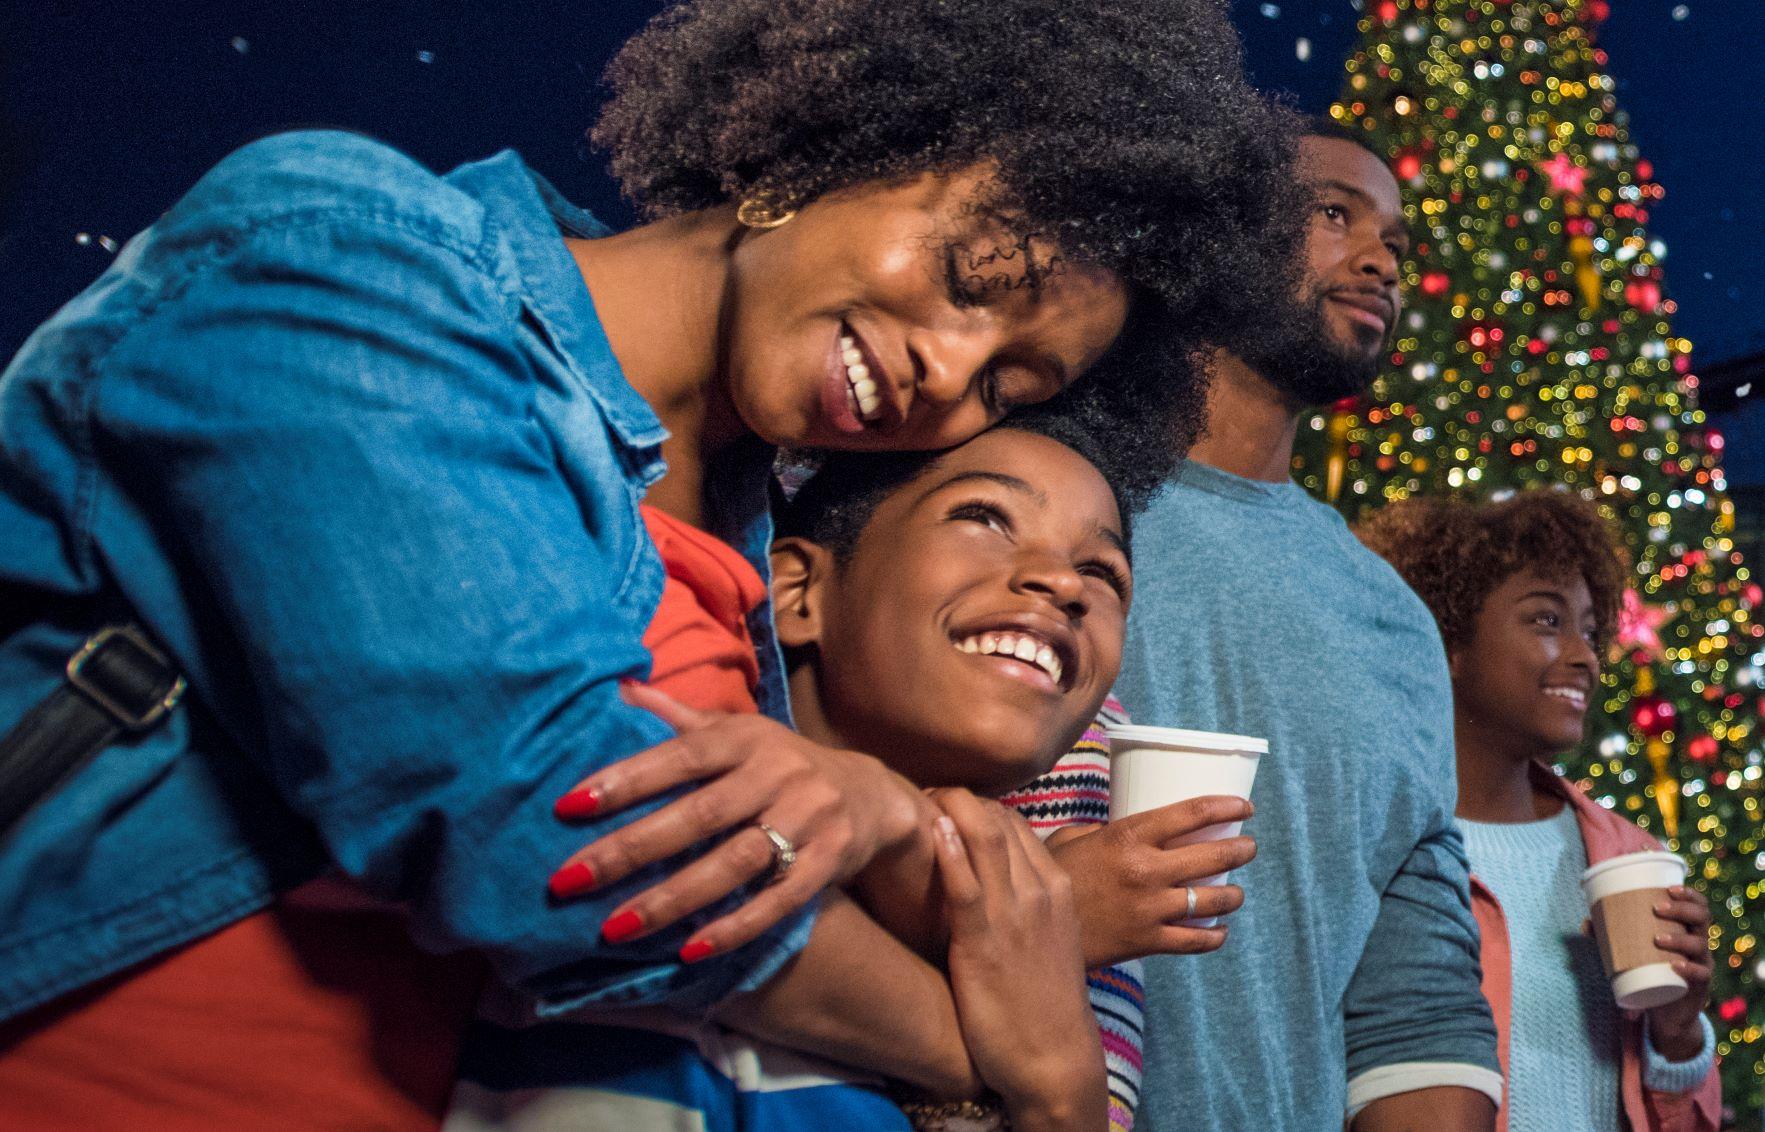 Fiestas navideñas de Universal Orlando Resort comienzan el 13 de noviembre y duran hasta el 2 de enero de 2022